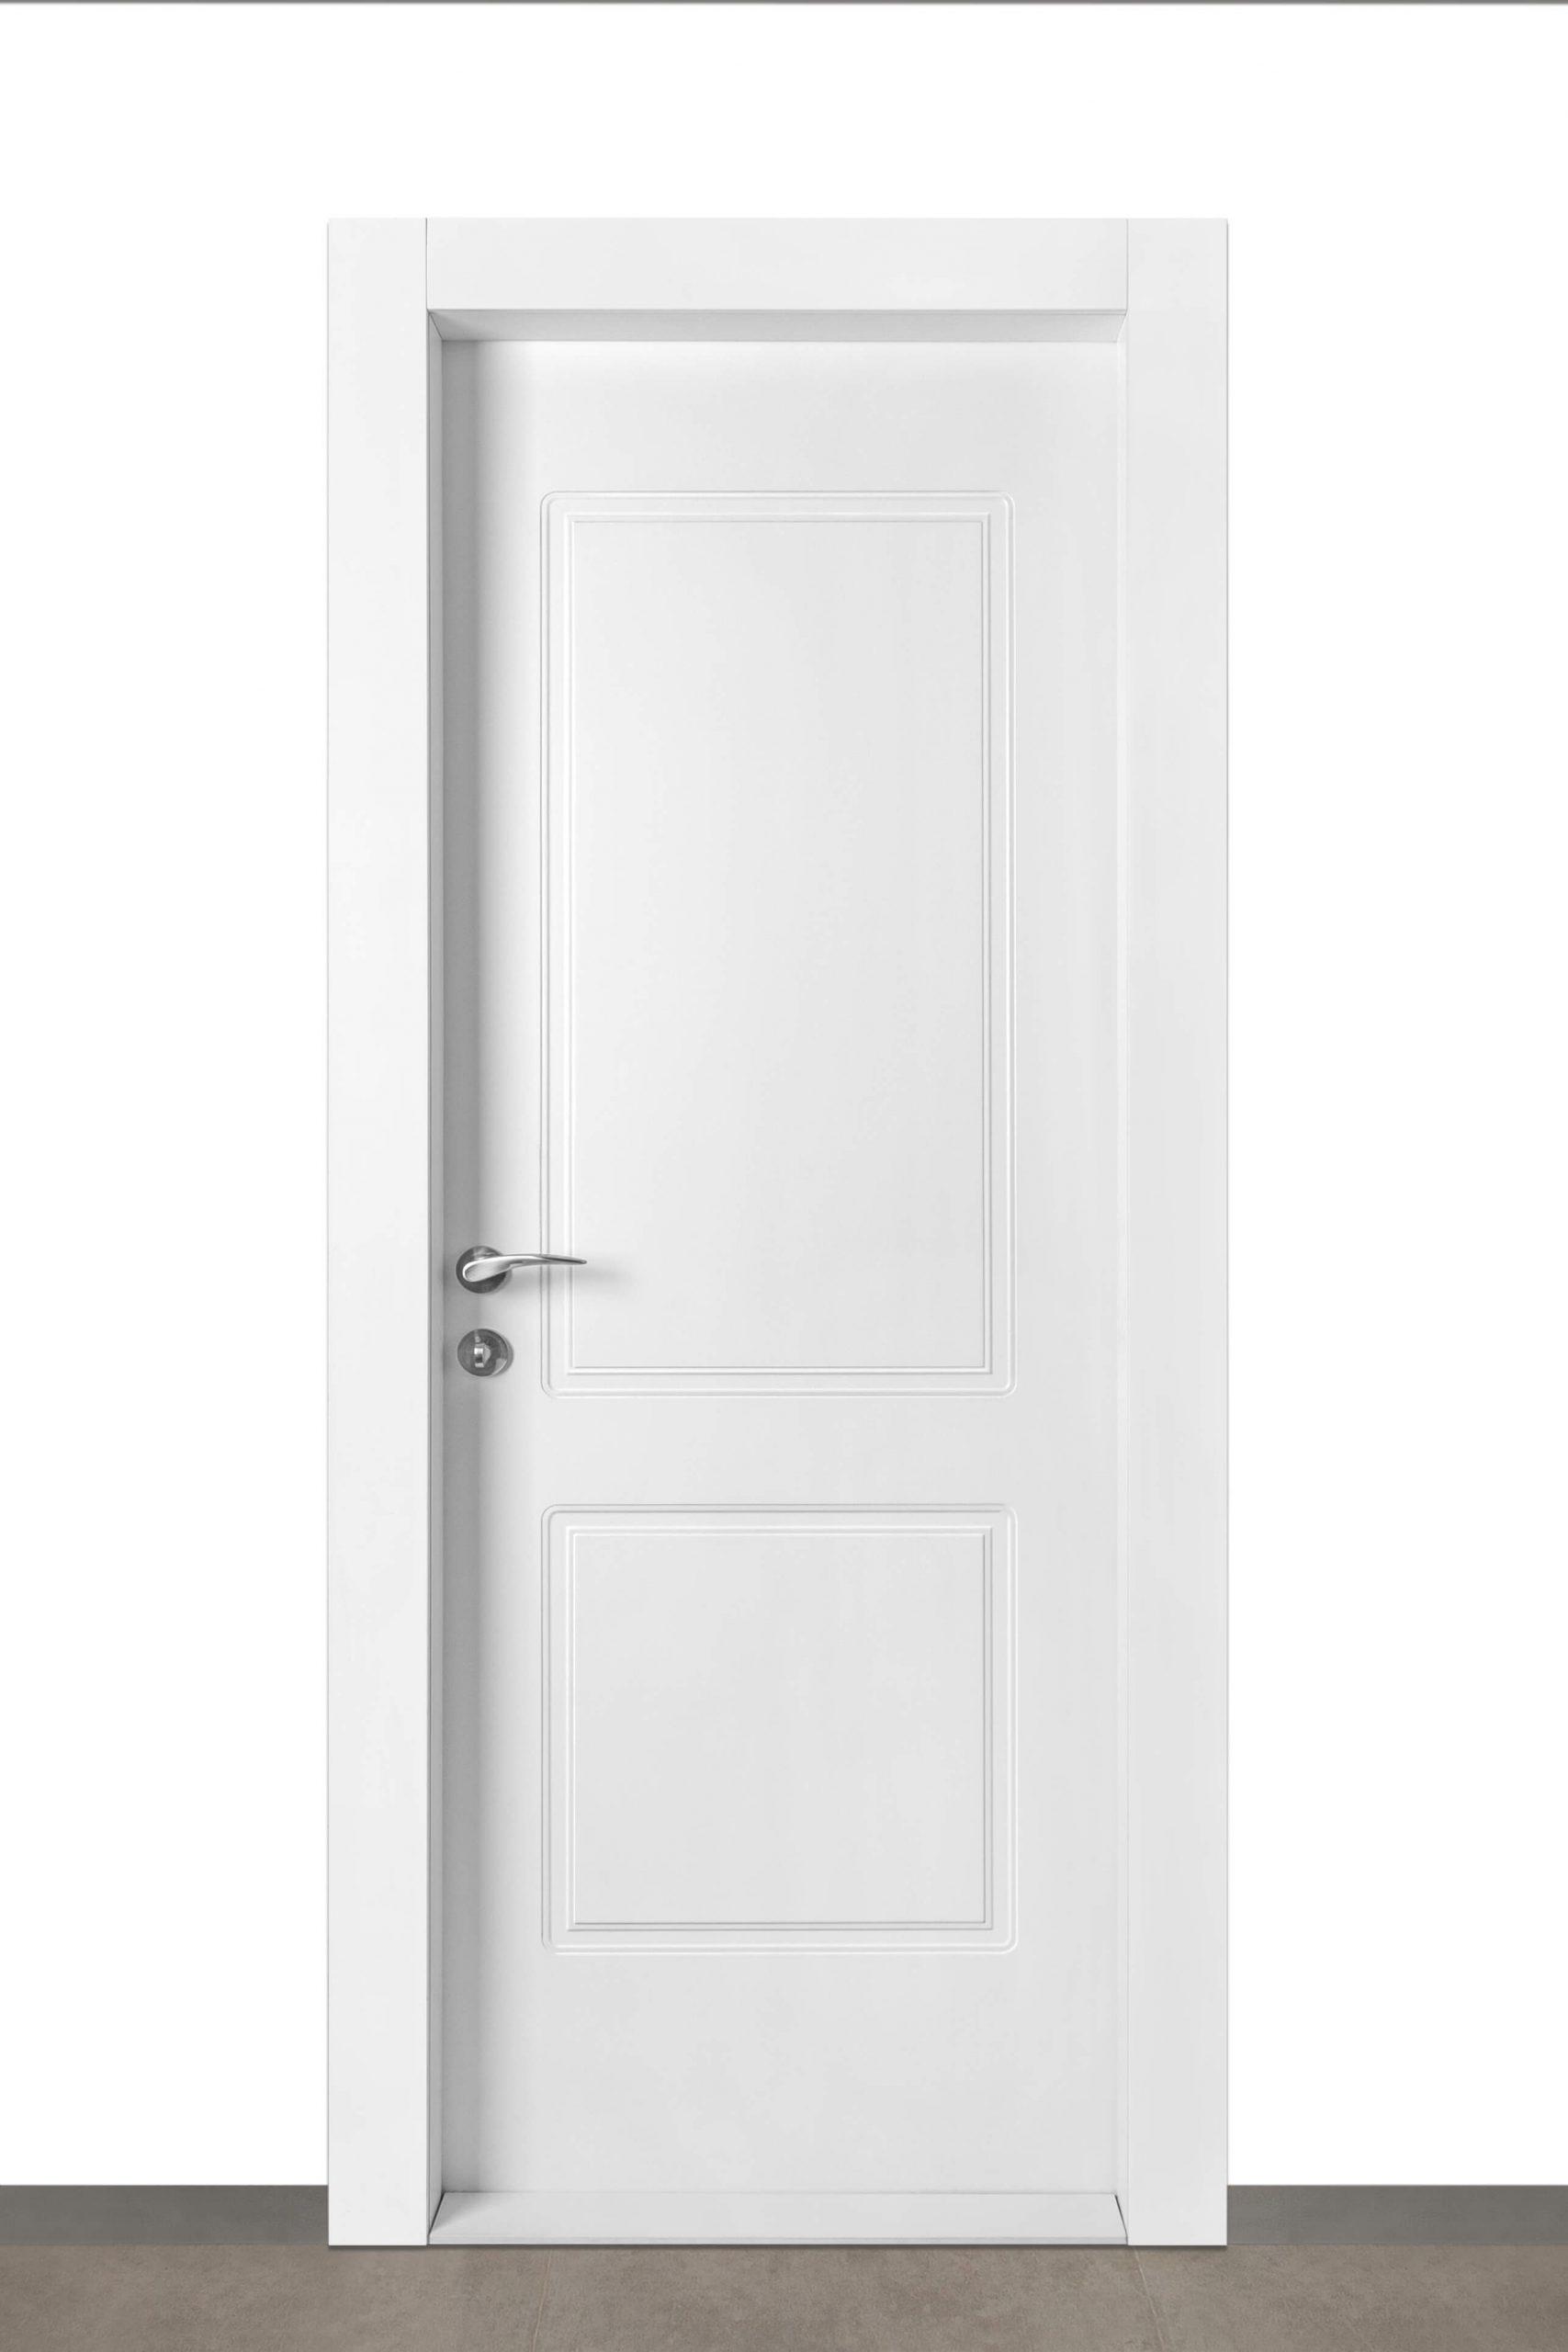 דלת רומי בצבע לבן wpc